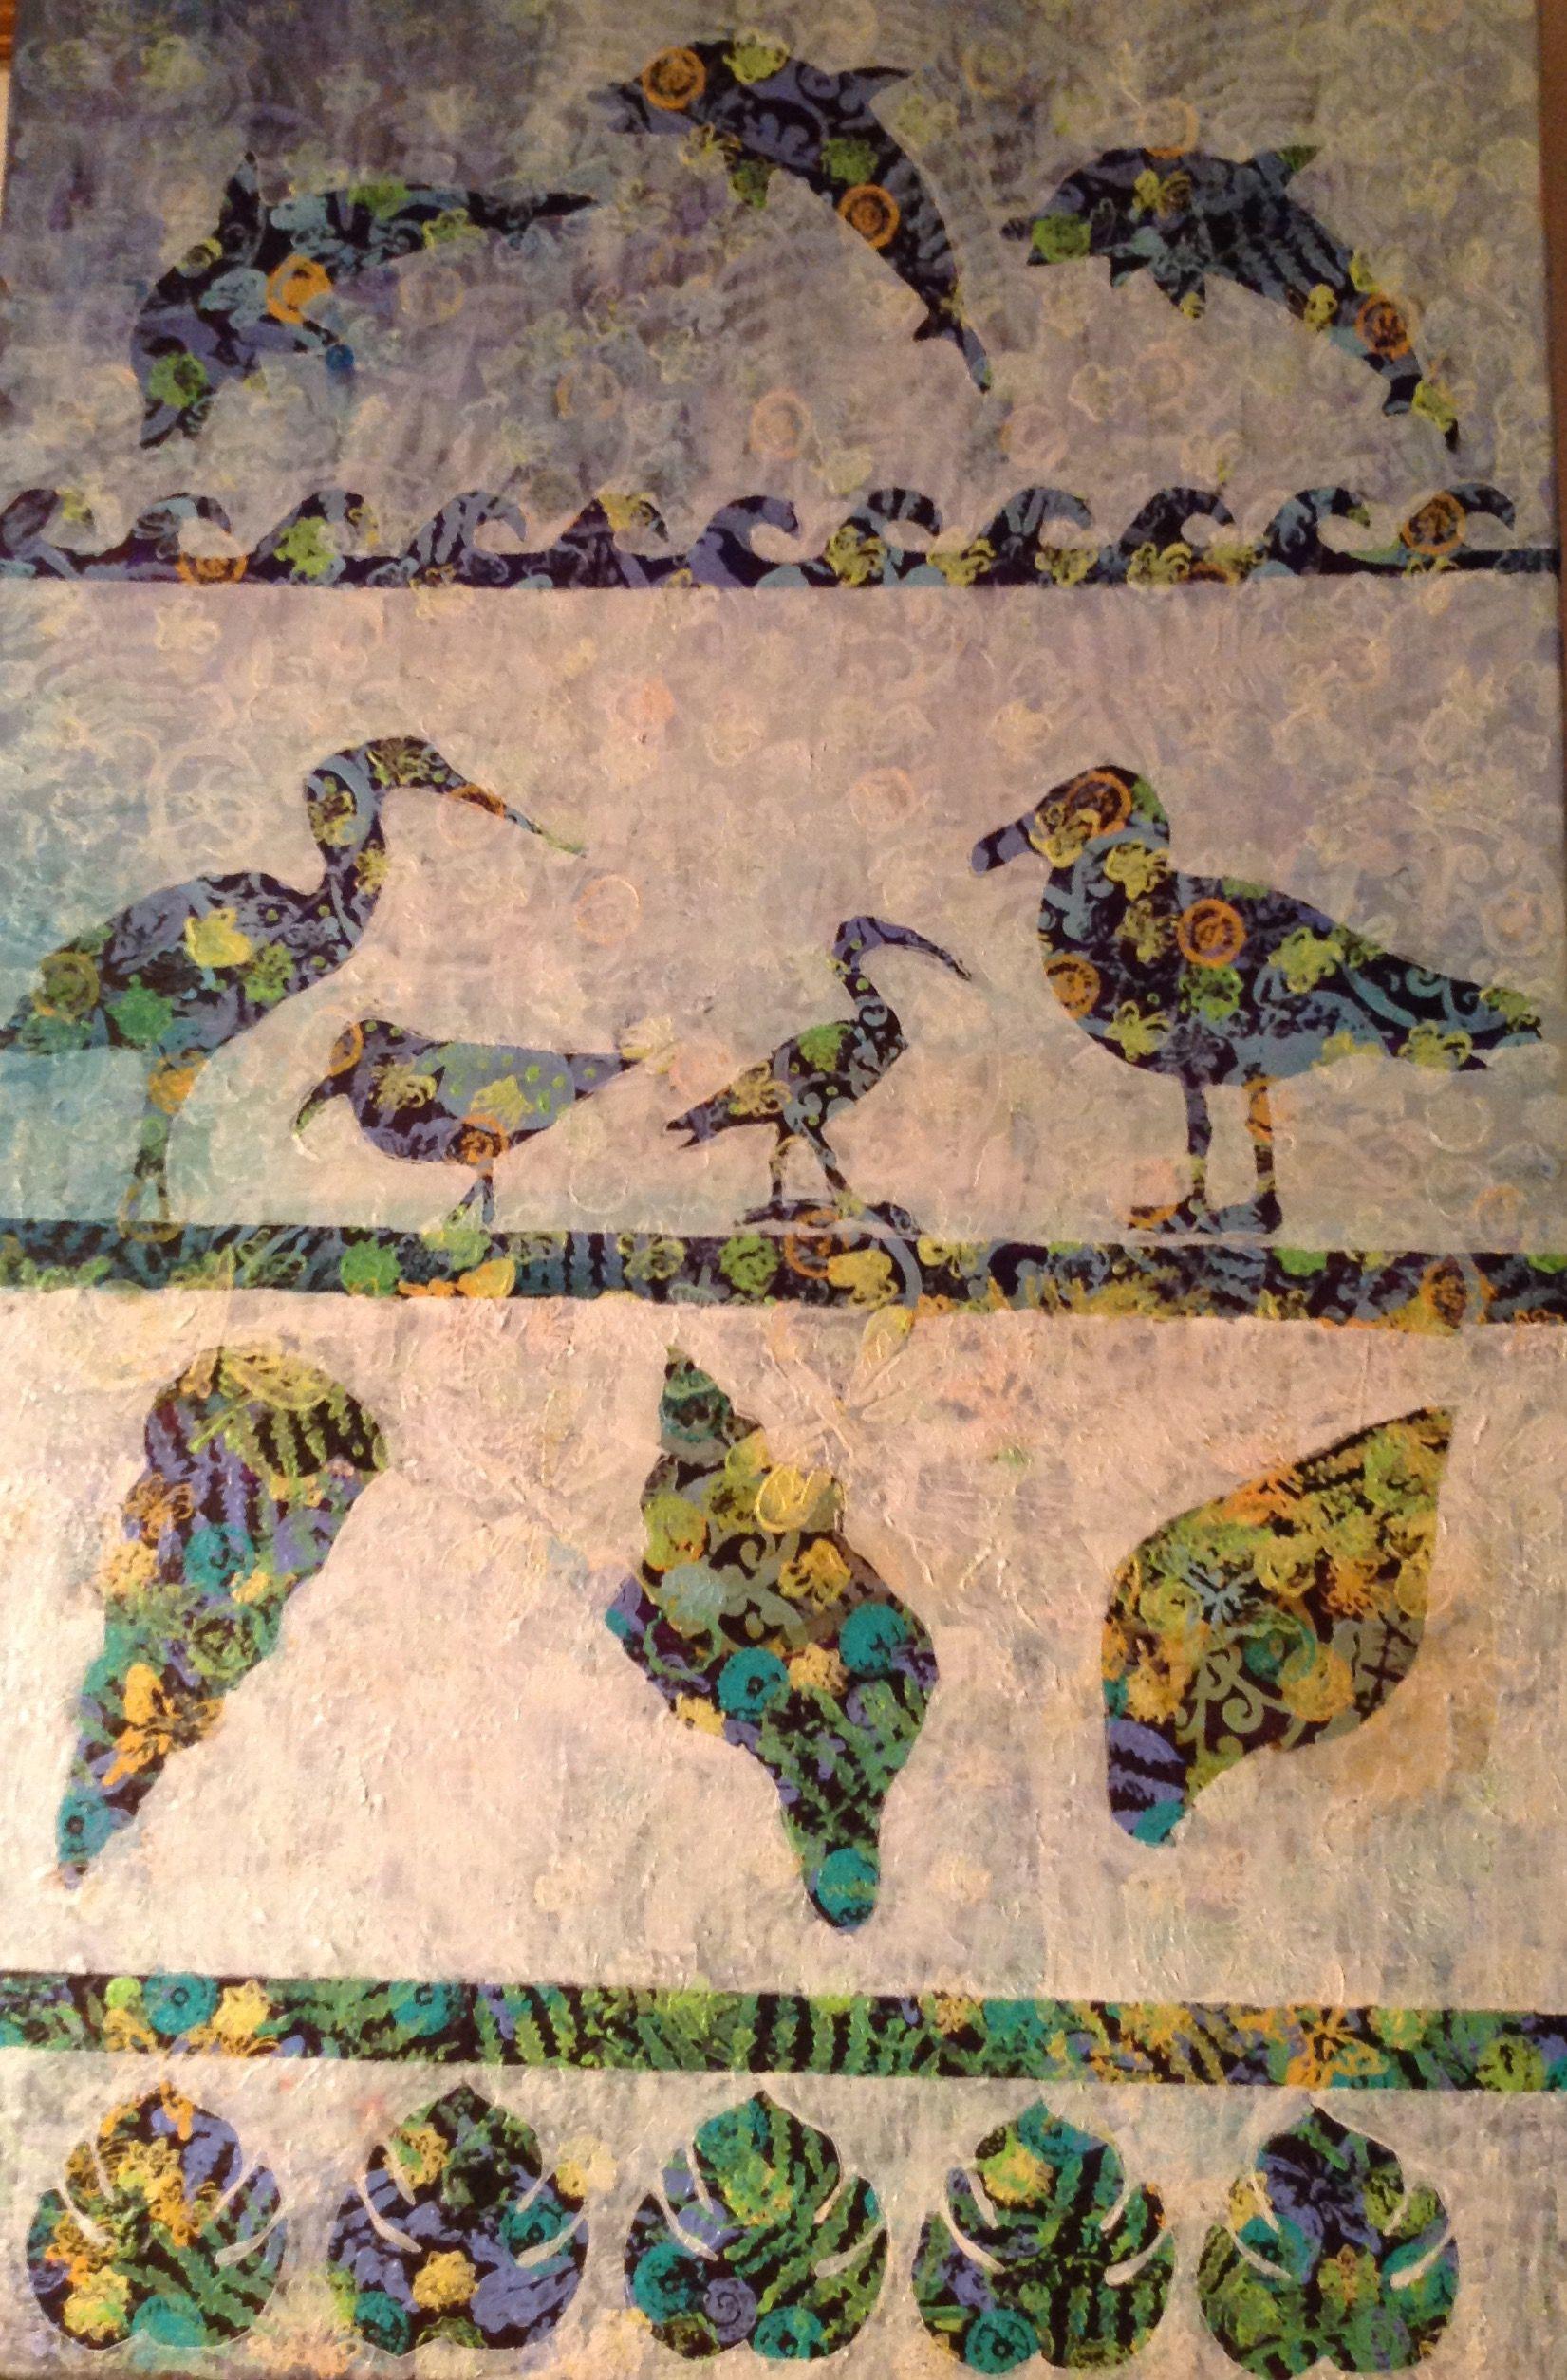 Watercolor Betty Wilson Naples adlı kullanıcının Betty